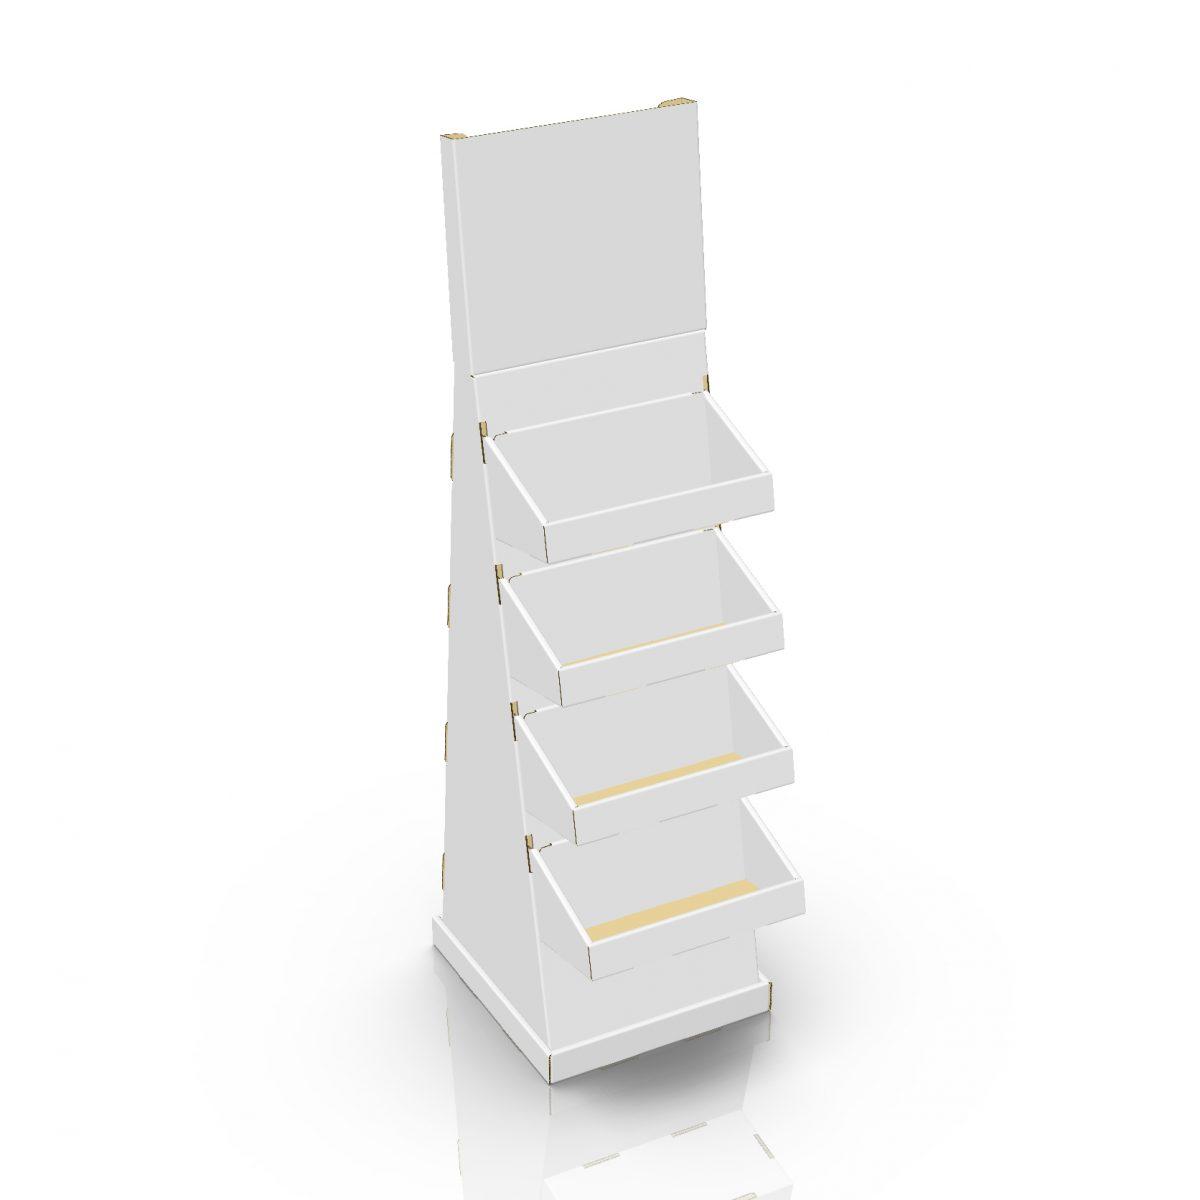 Présentoir de plancher en carton avec en-tête et tablettes, avec butoir au plancher (version grande aussi disponible) - 3d